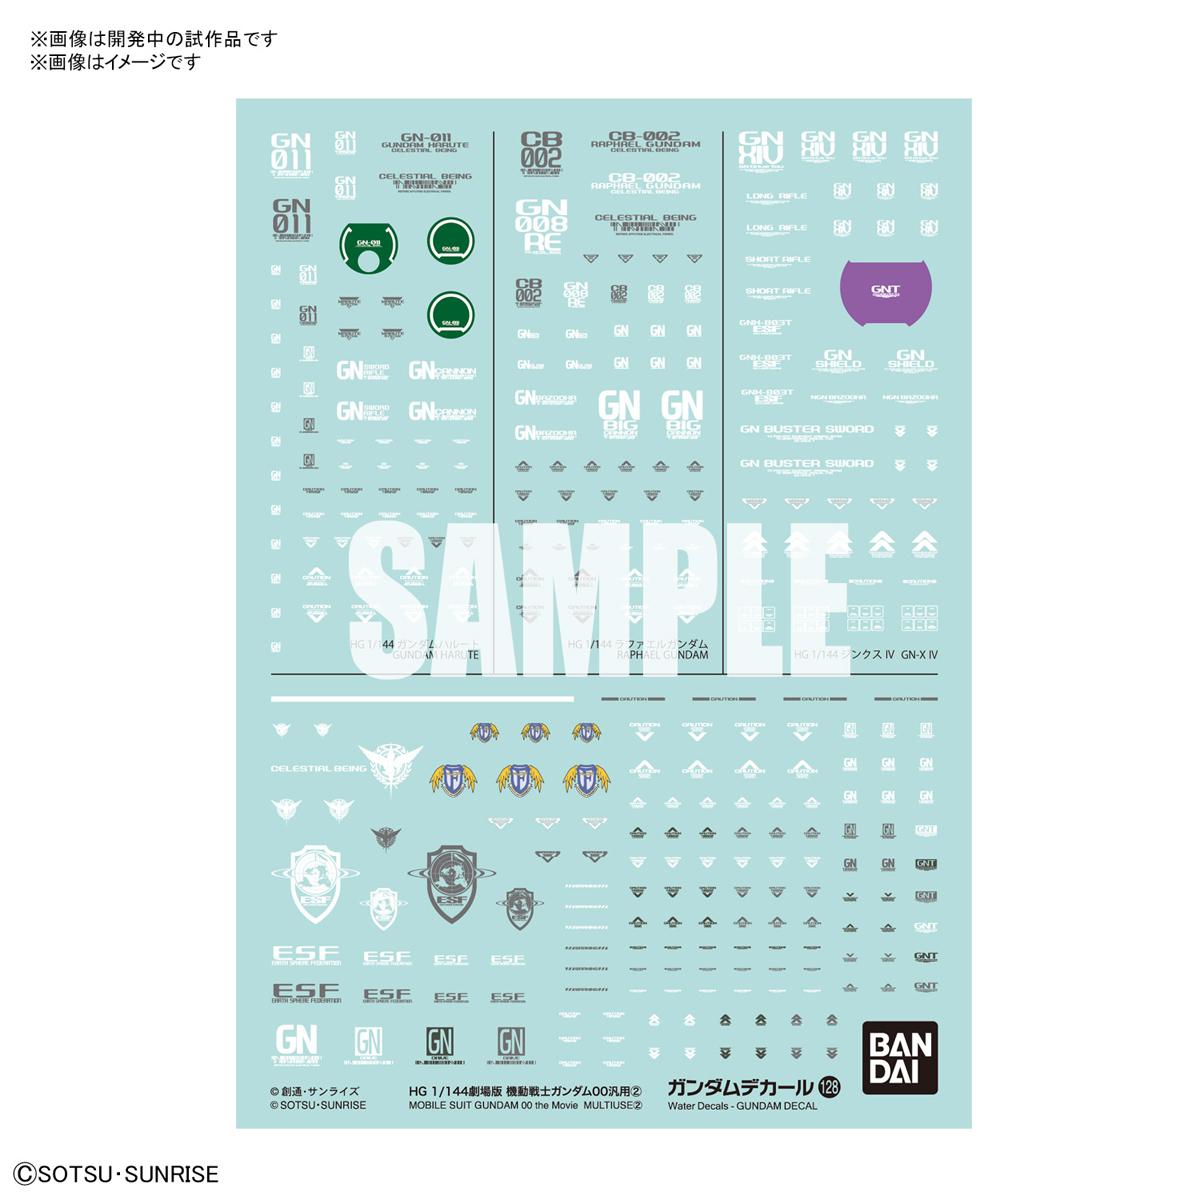 ガンダムデカール GD128 HG 1/144 劇場版 機動戦士ガンダム00汎用2